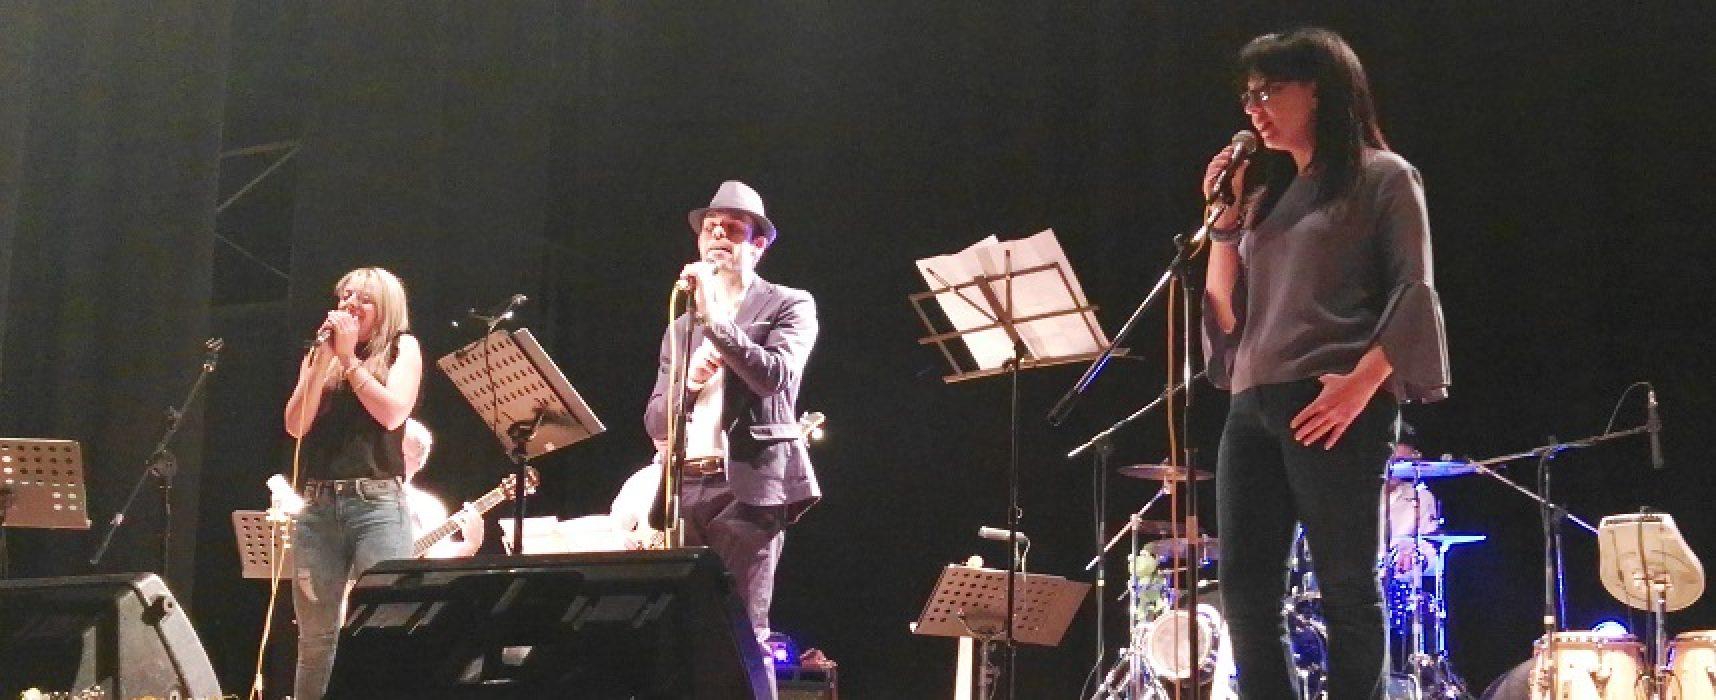 """""""La sera dei miracoli"""", grande successo per la serata musicale dedicata a Lucio Dalla"""